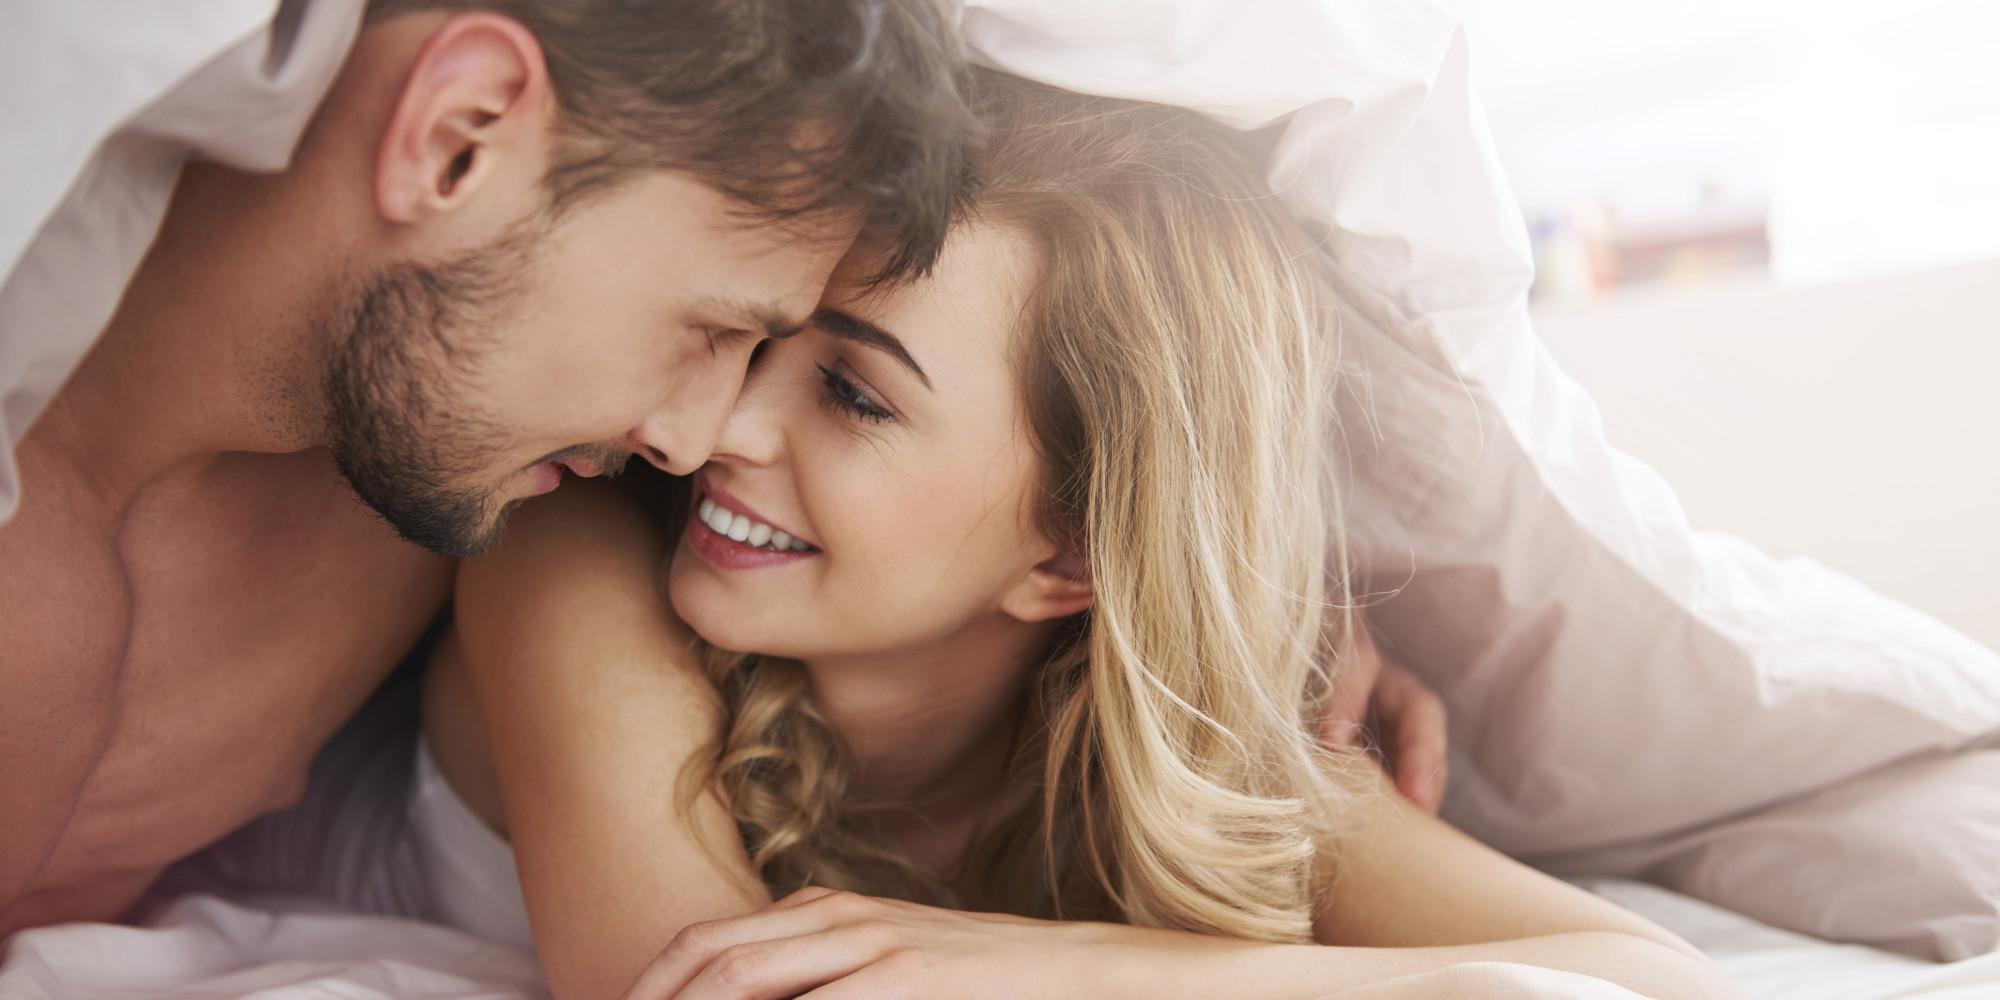 paar sucht sklavin analverkehr unter männern